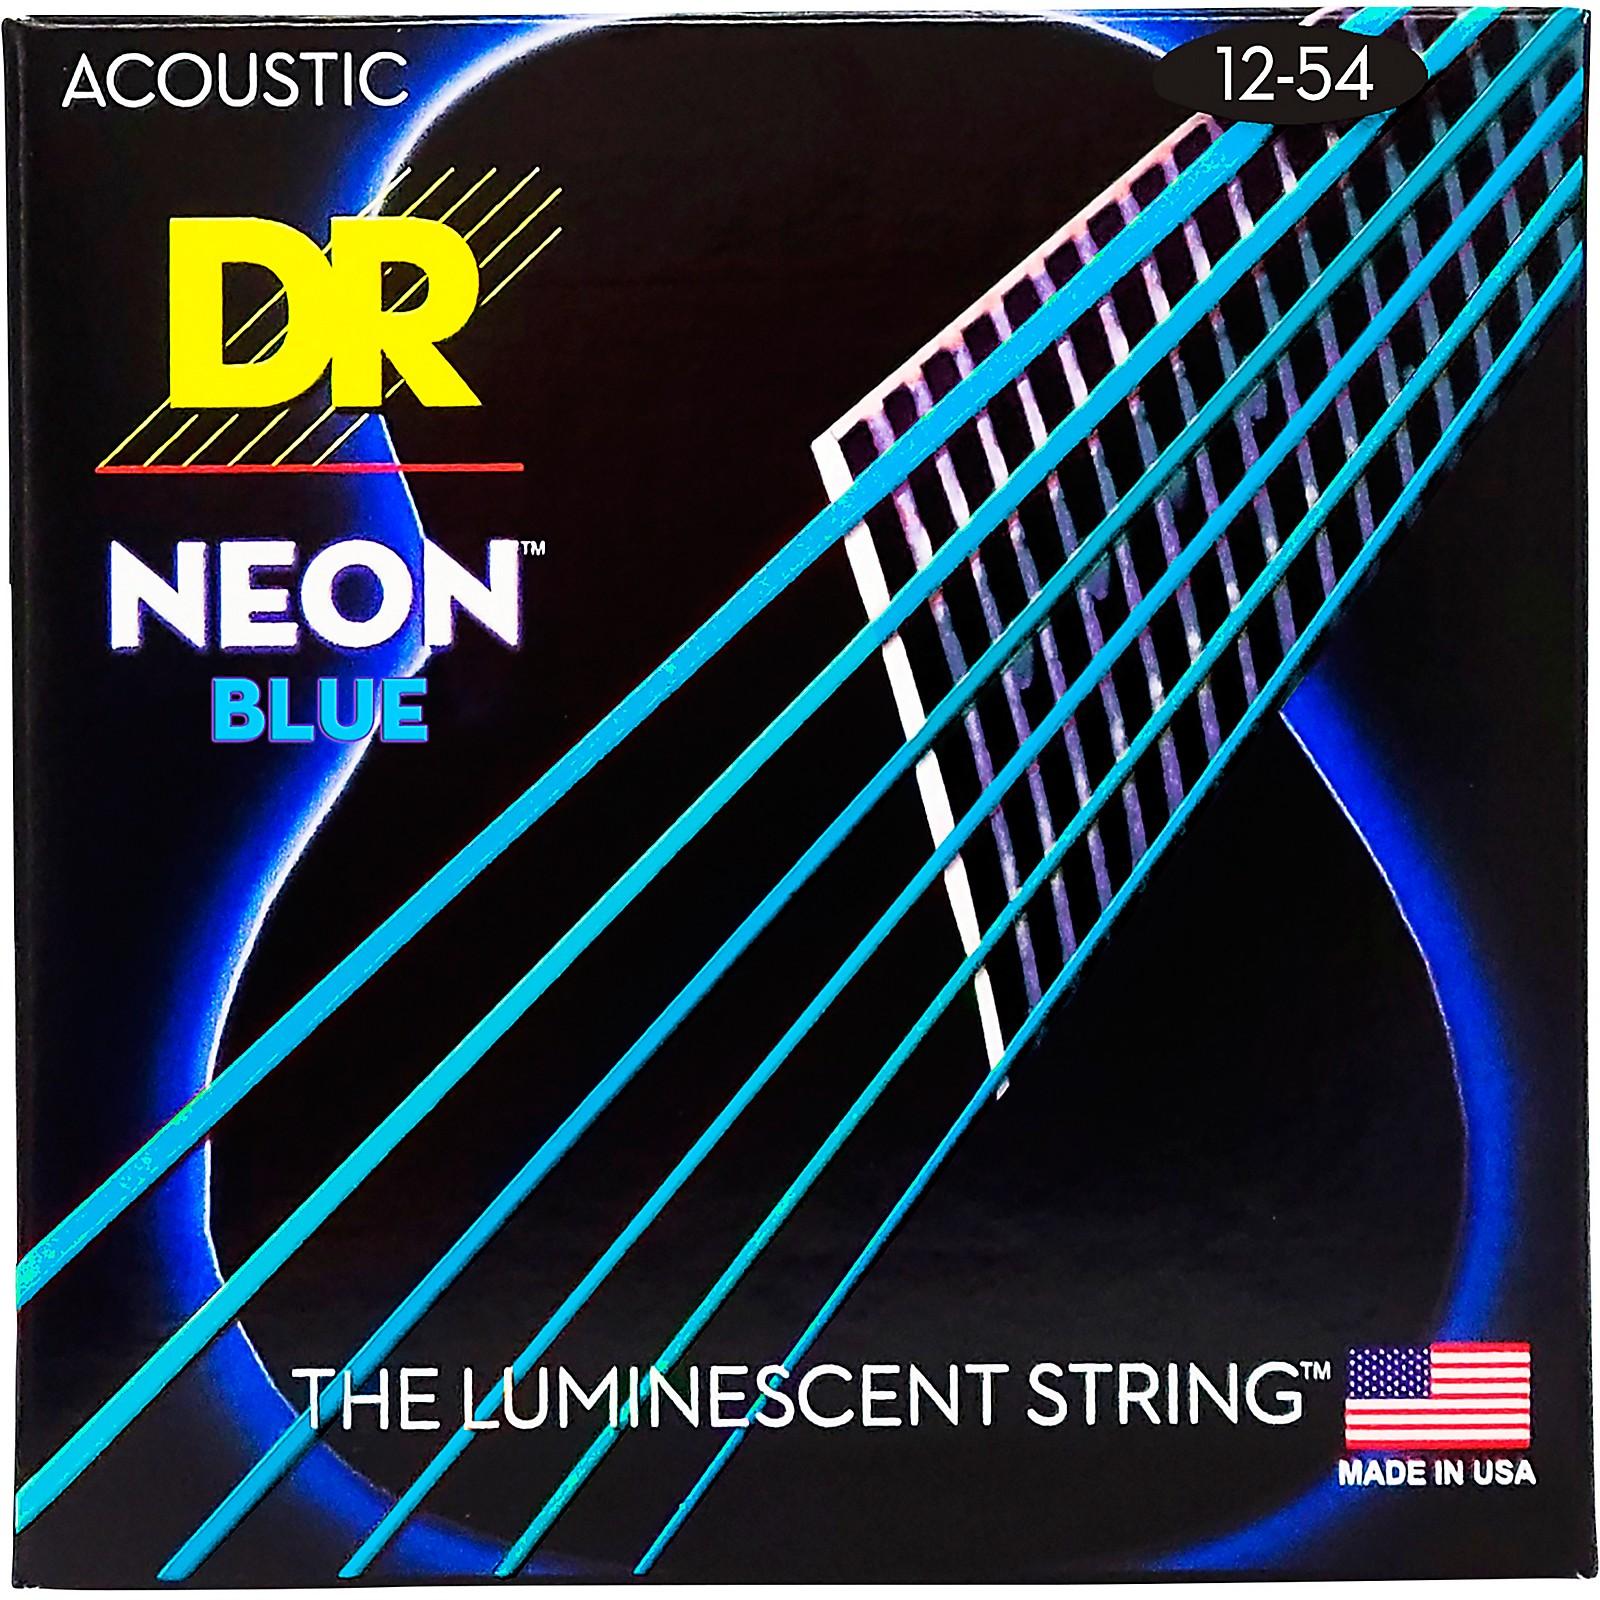 DR Strings Hi-Def NEON Blue Coated Medium Acoustic Guitar Strings (12-54)